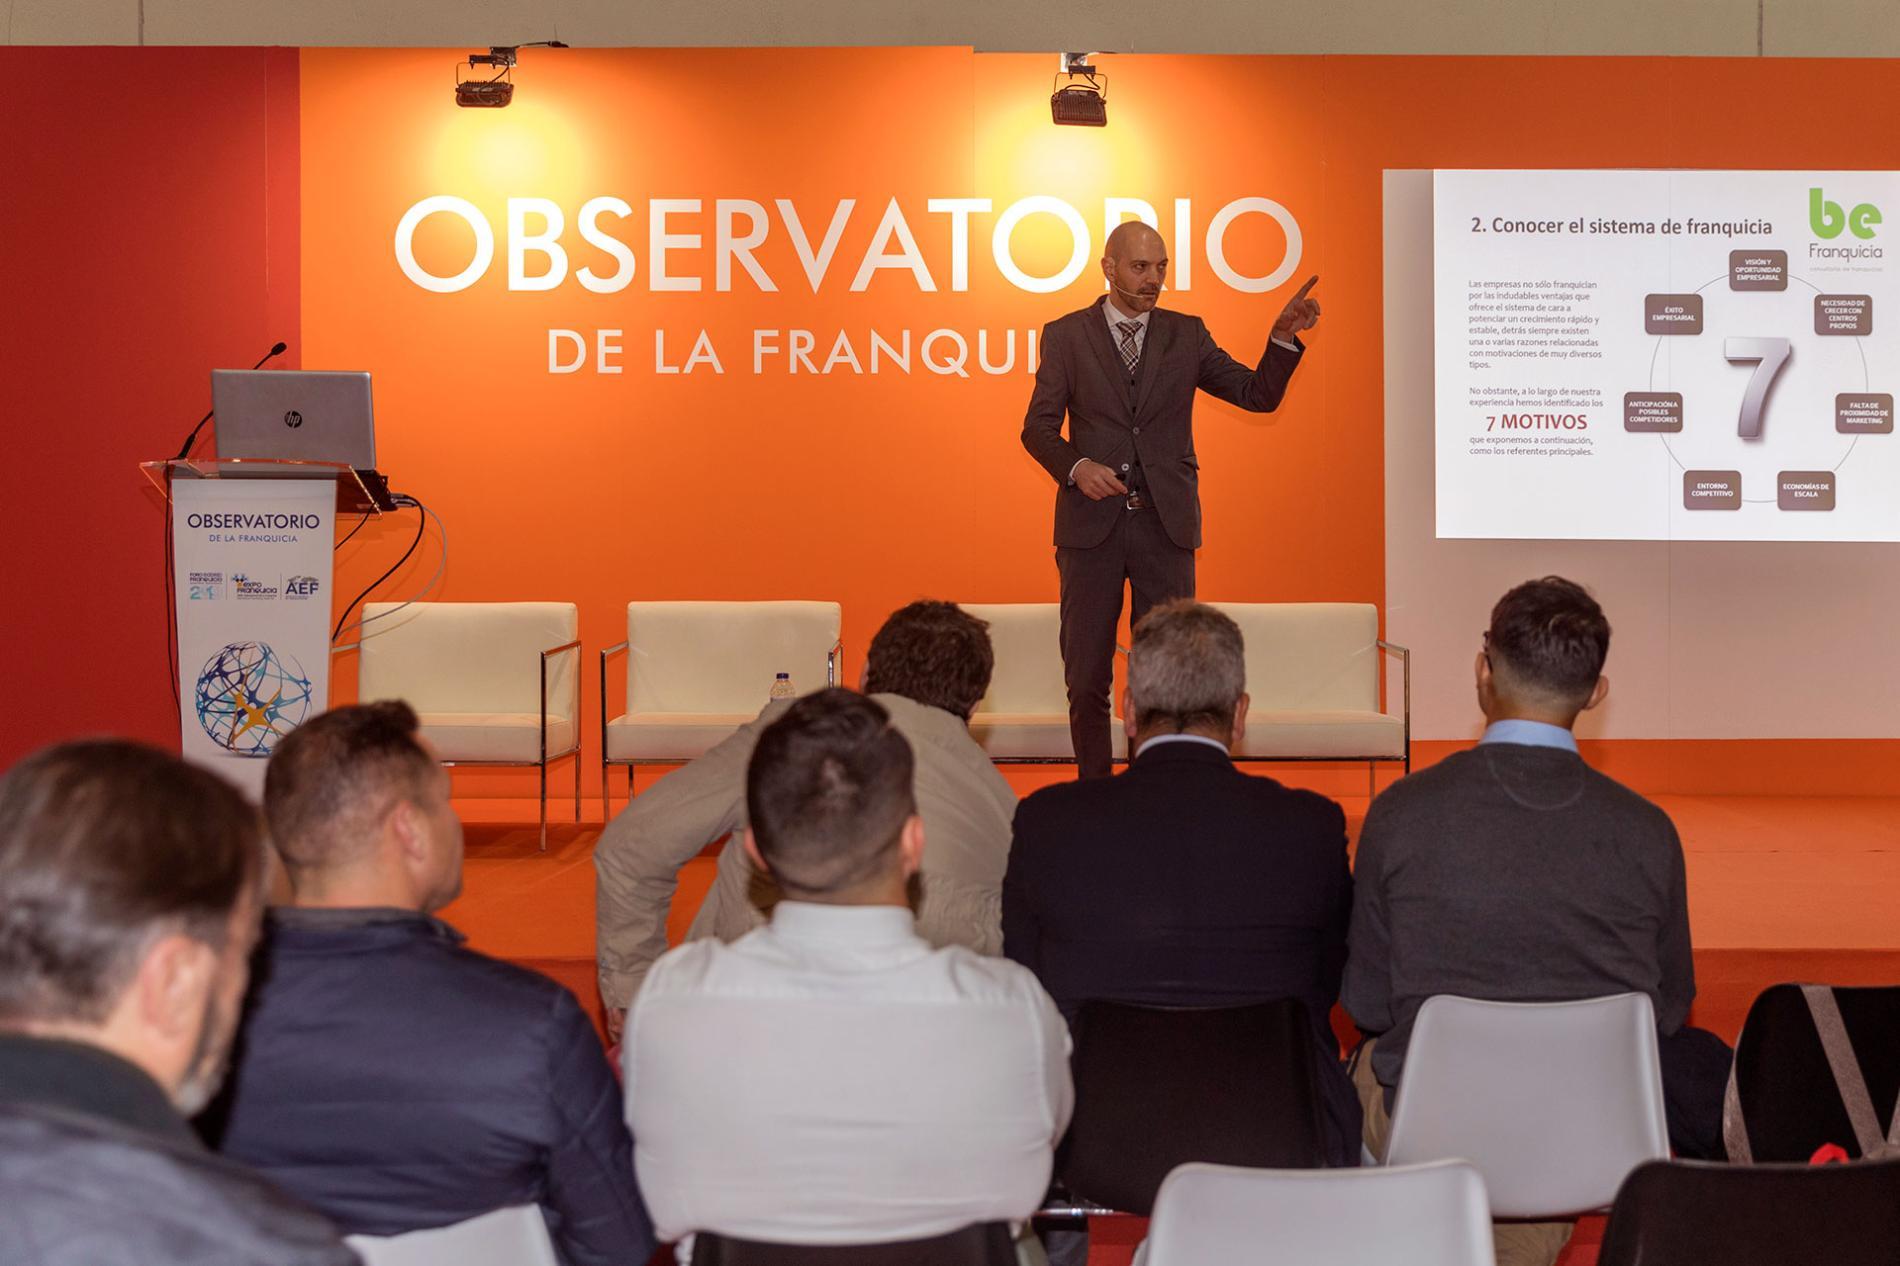 Especialista en franquicias dando una charla en el observatorio de la franquicia